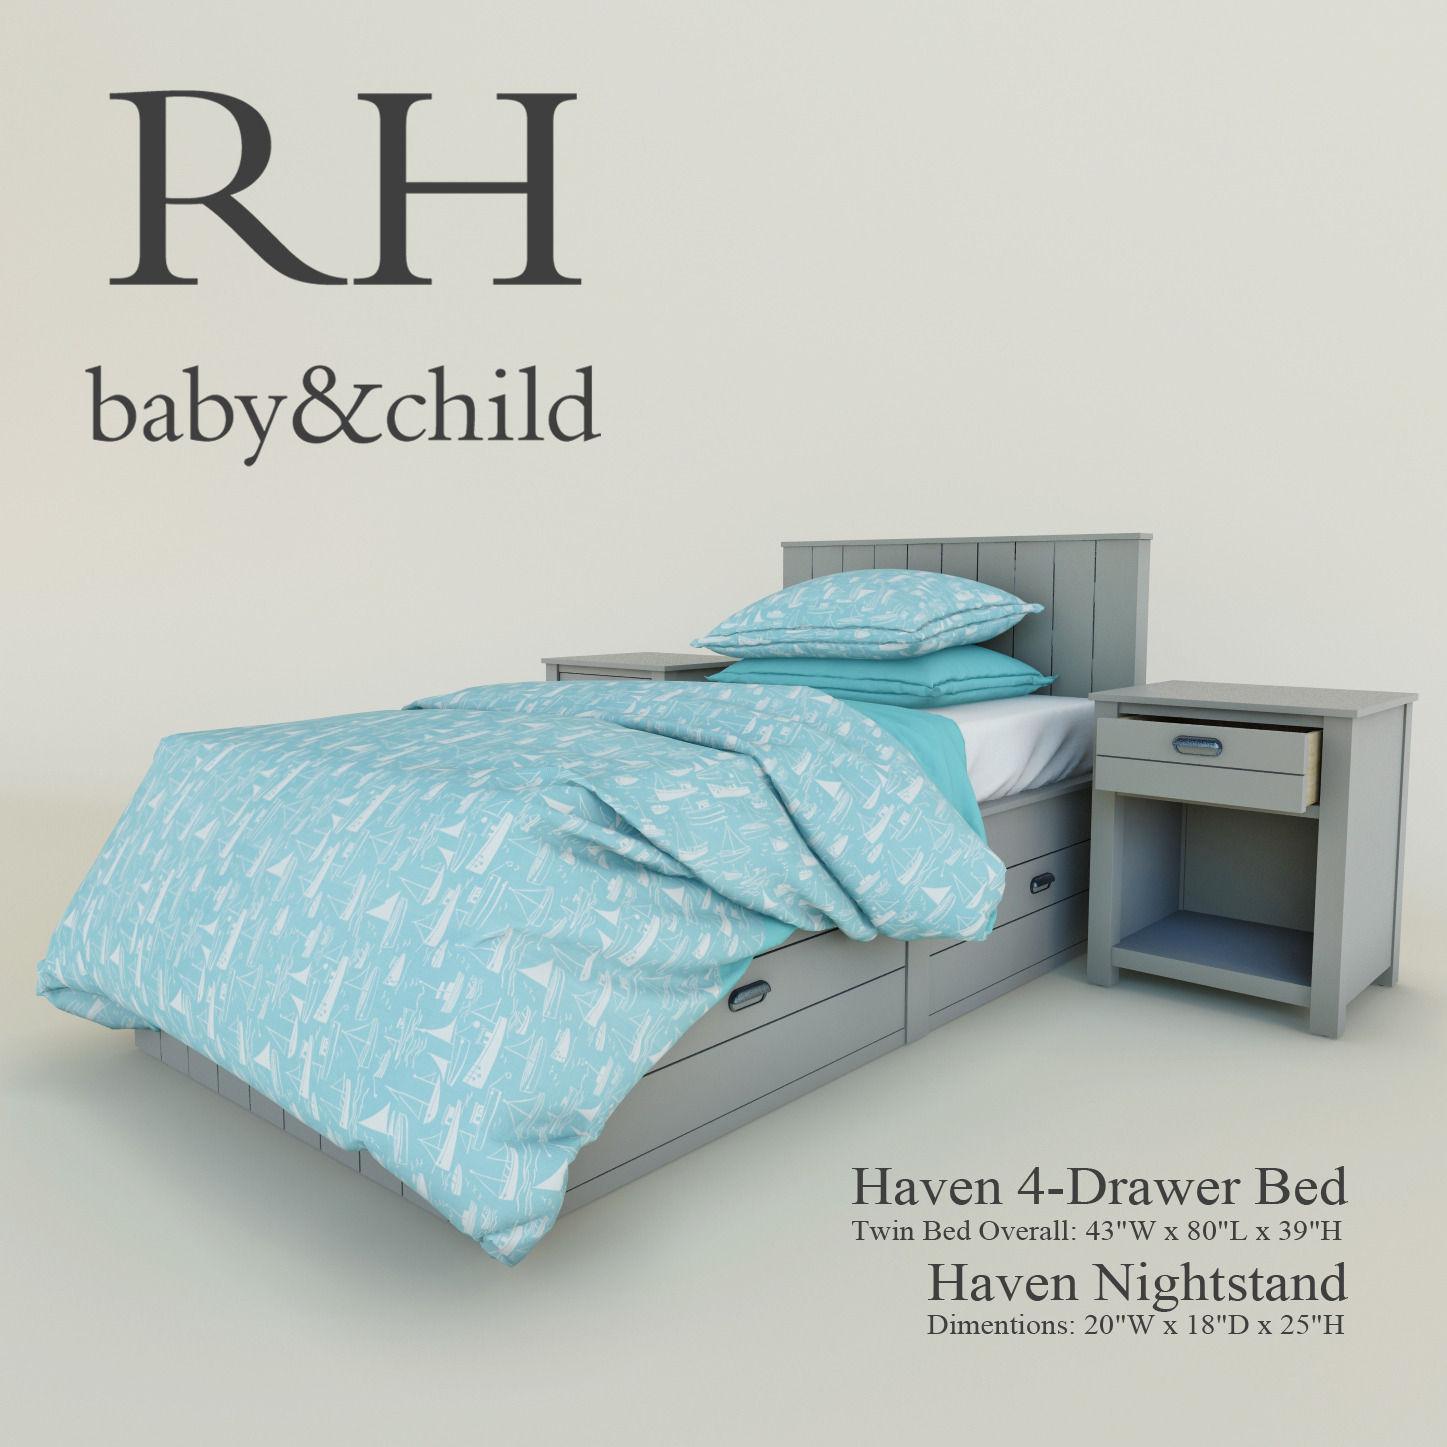 restoration hardware Haven 4-Drawer Bed